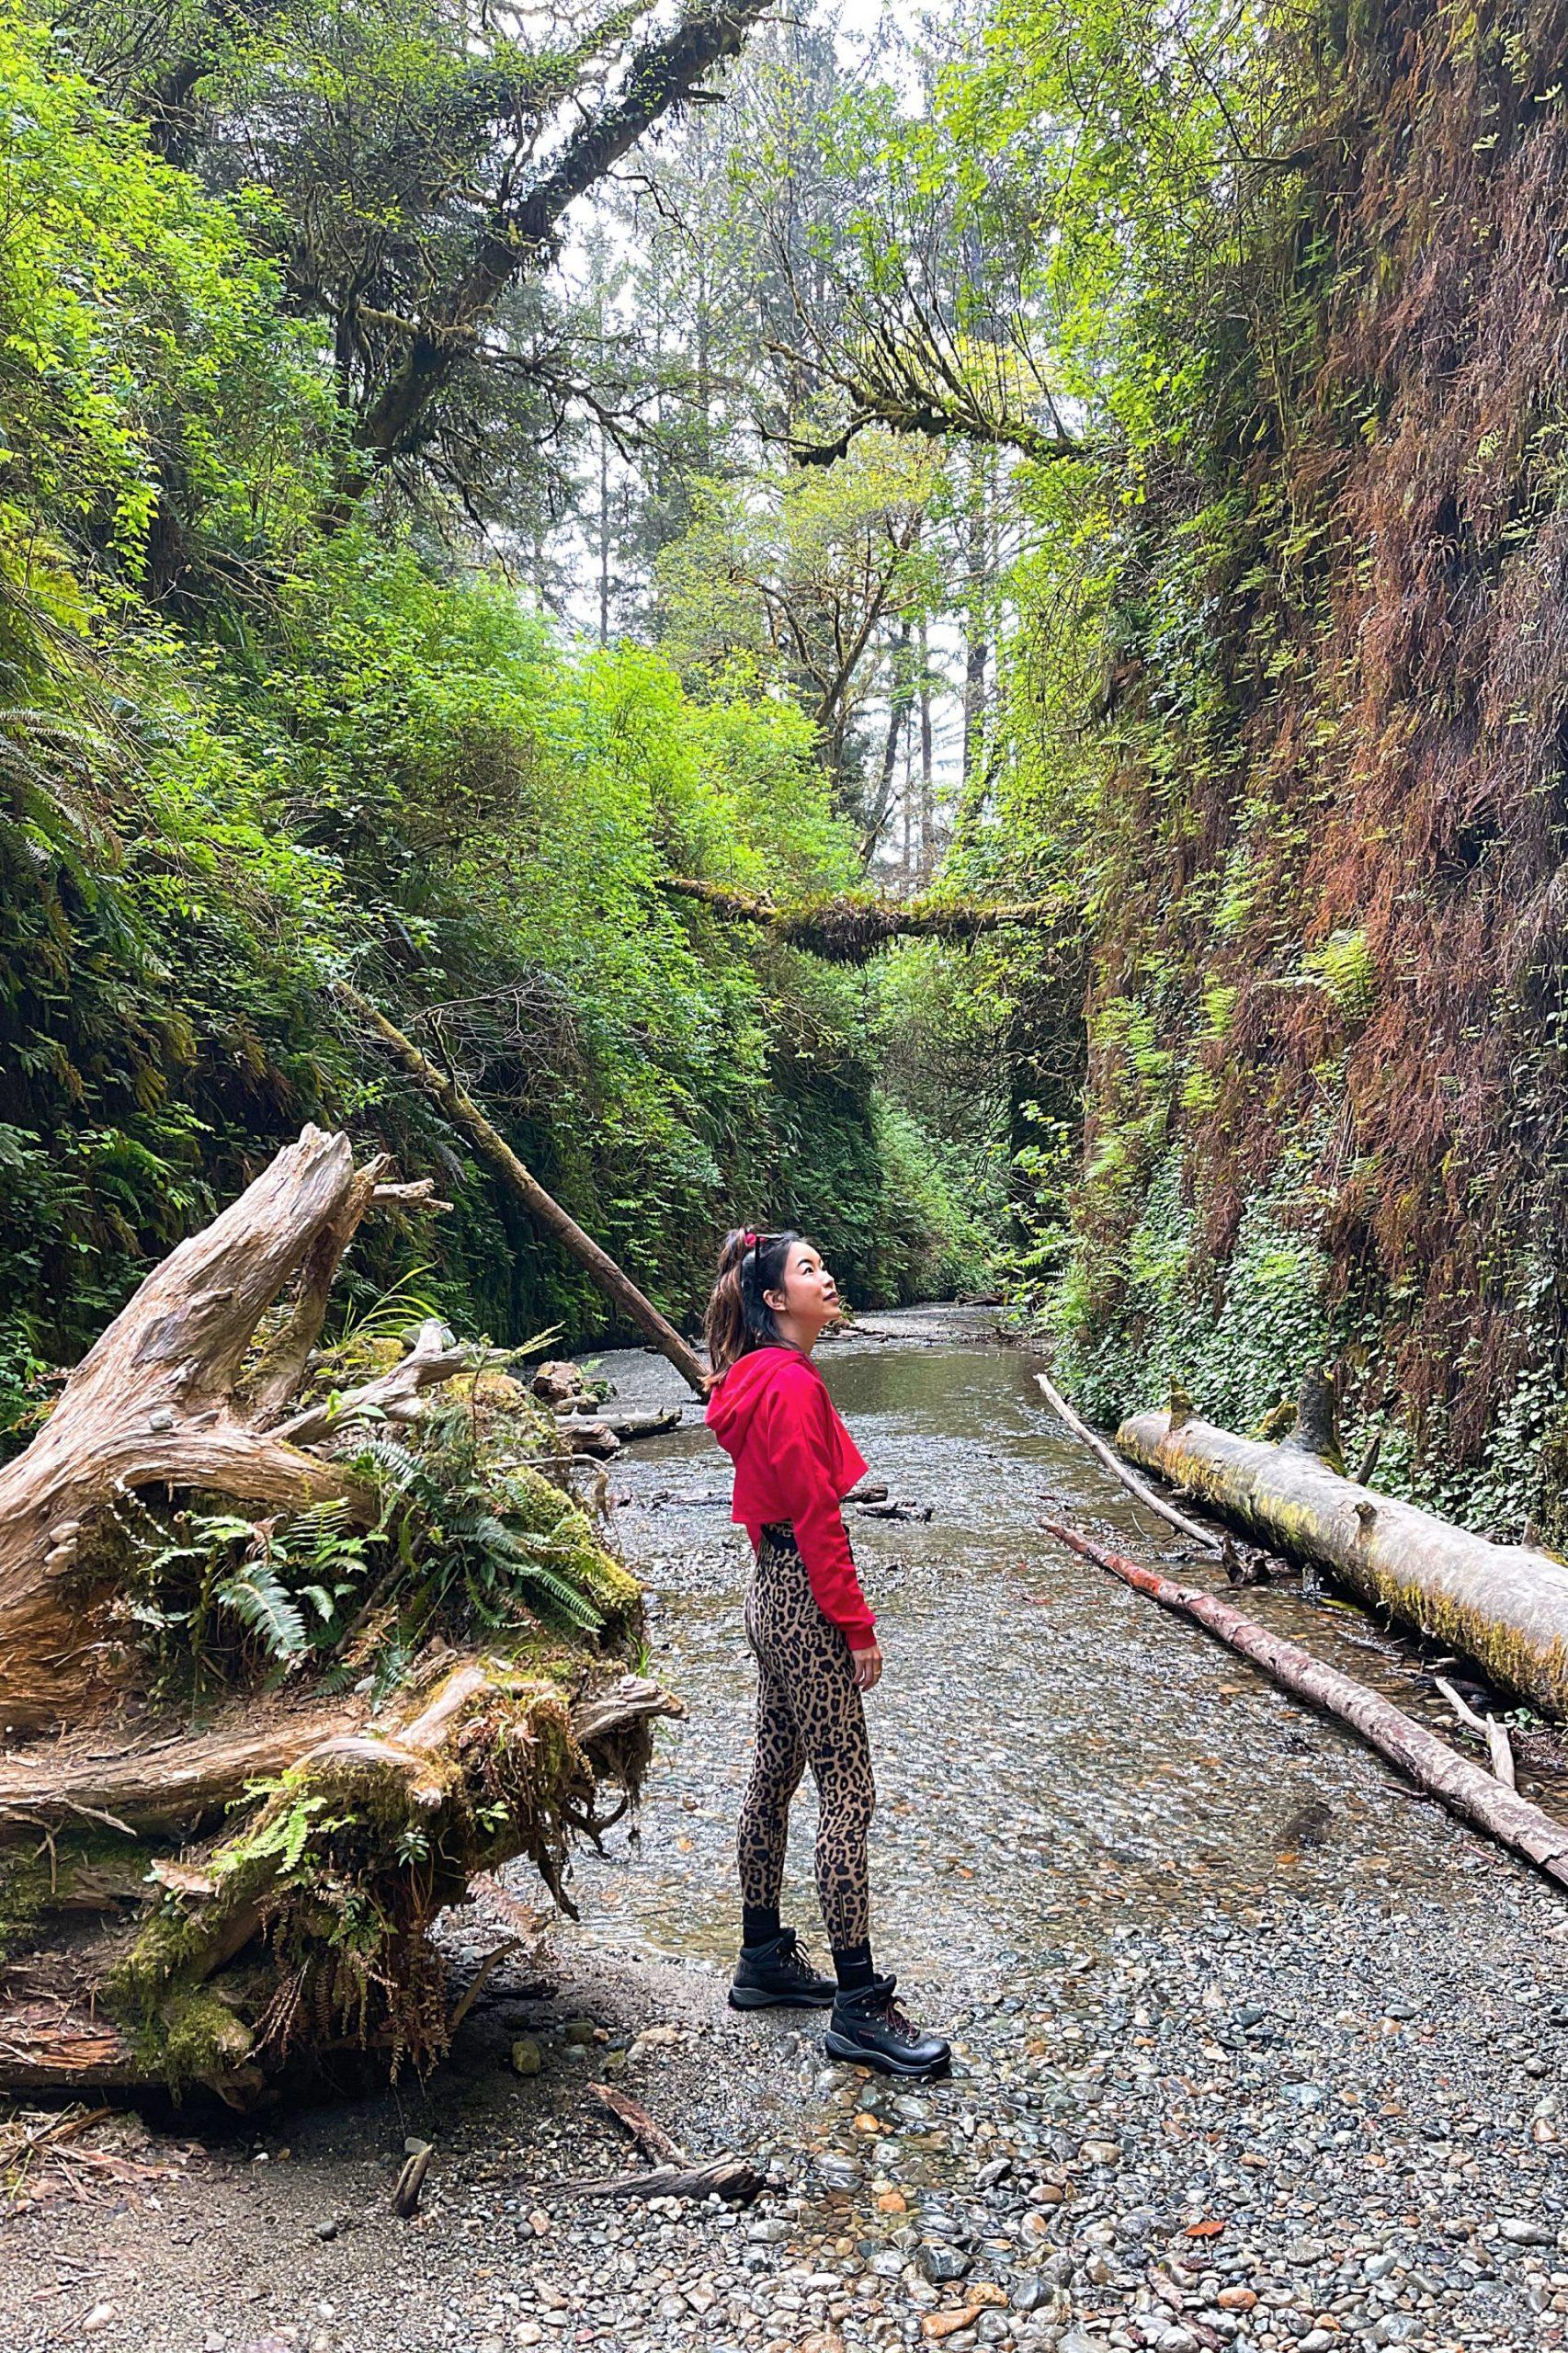 Fern Canyon hike itinerary